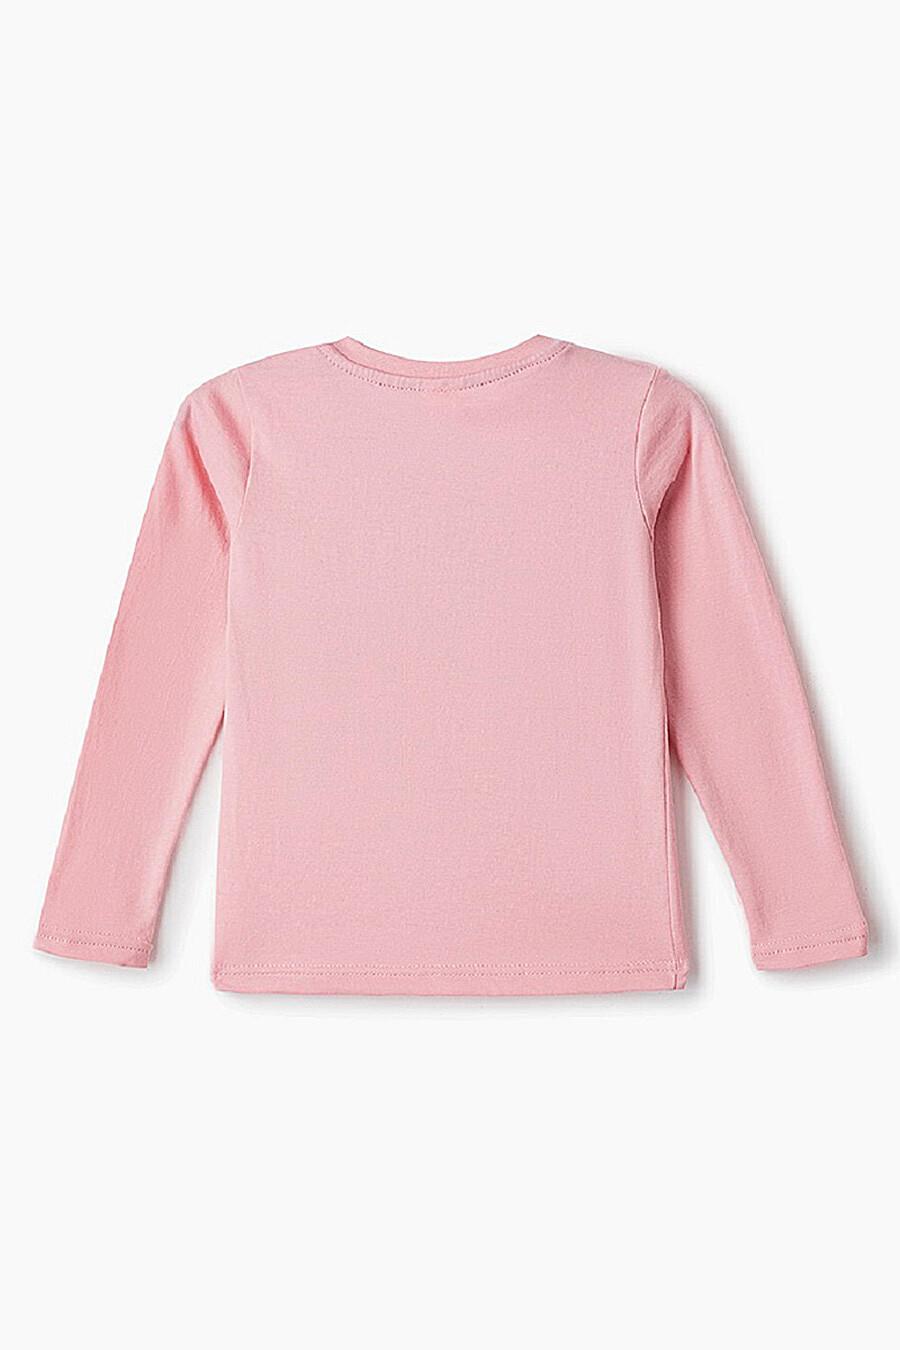 Лонгслив для девочек ELARIA 239114 купить оптом от производителя. Совместная покупка детской одежды в OptMoyo